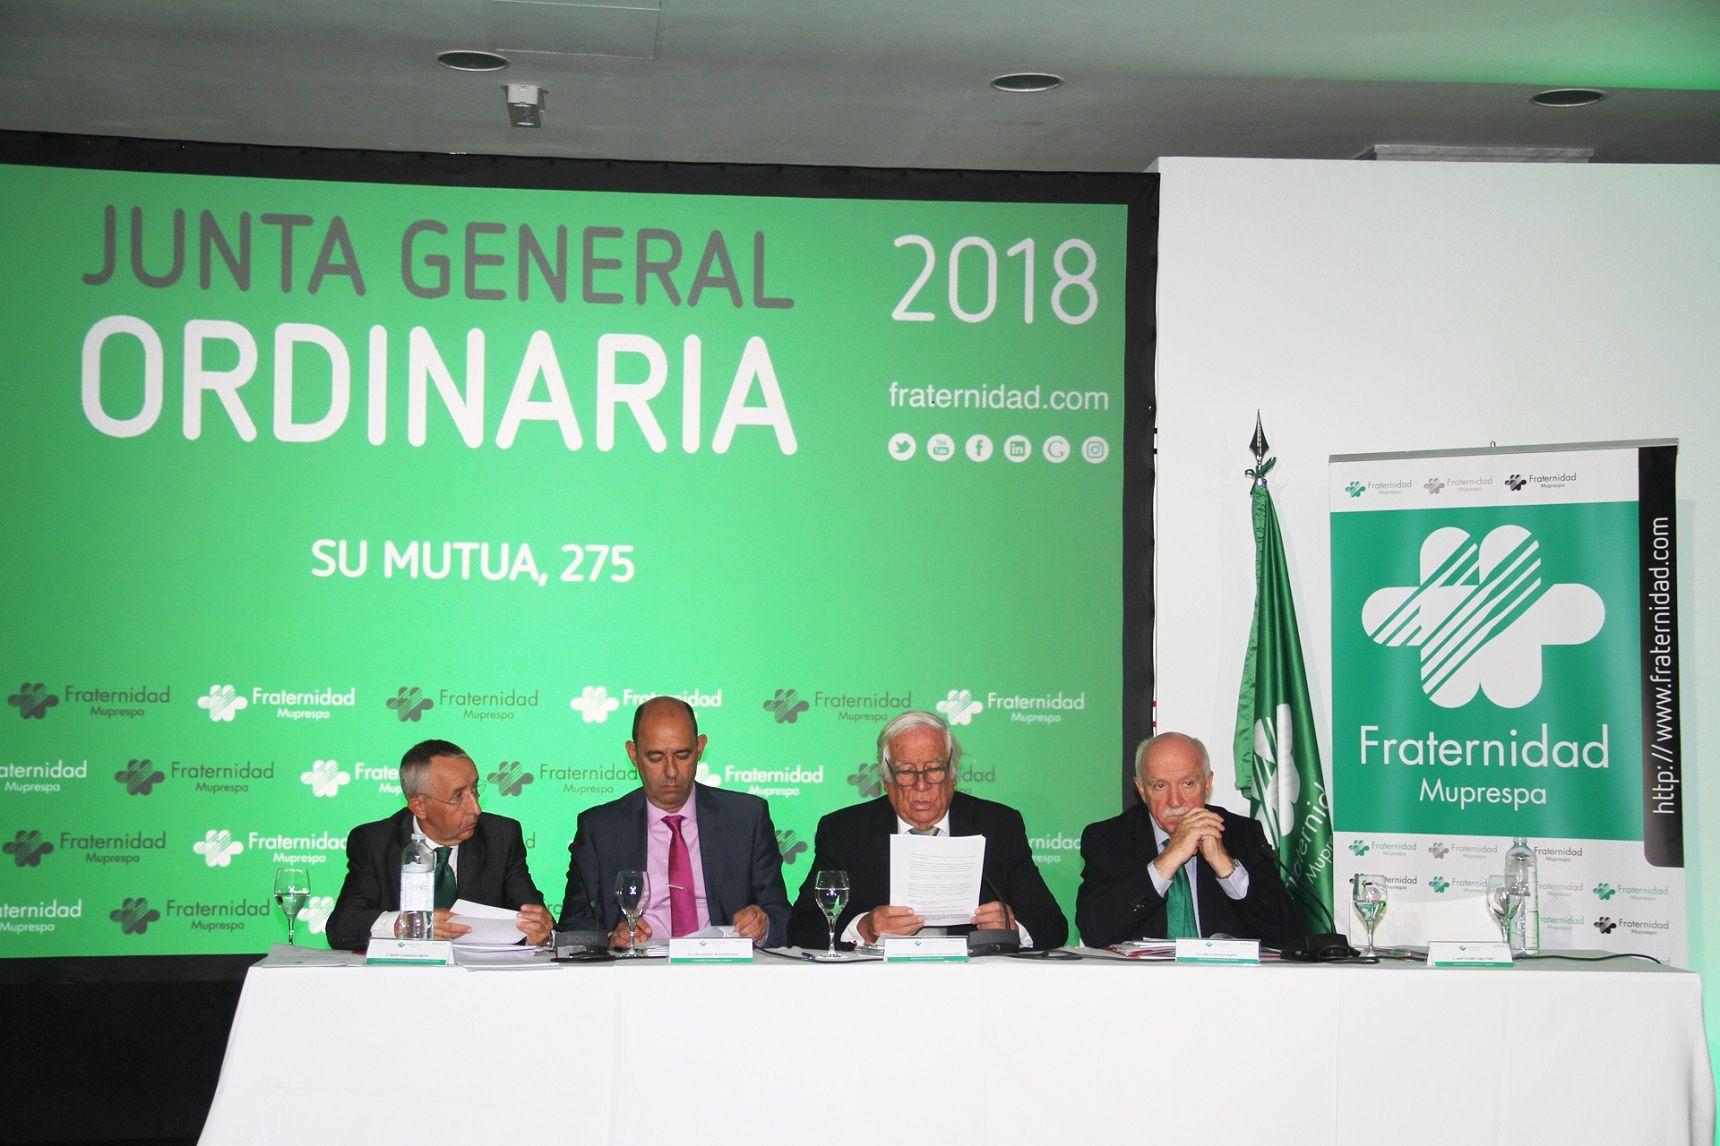 alt - https://static.comunicae.com/photos/notas/1197419/1532001774_Nota_de_Prensa.jpg